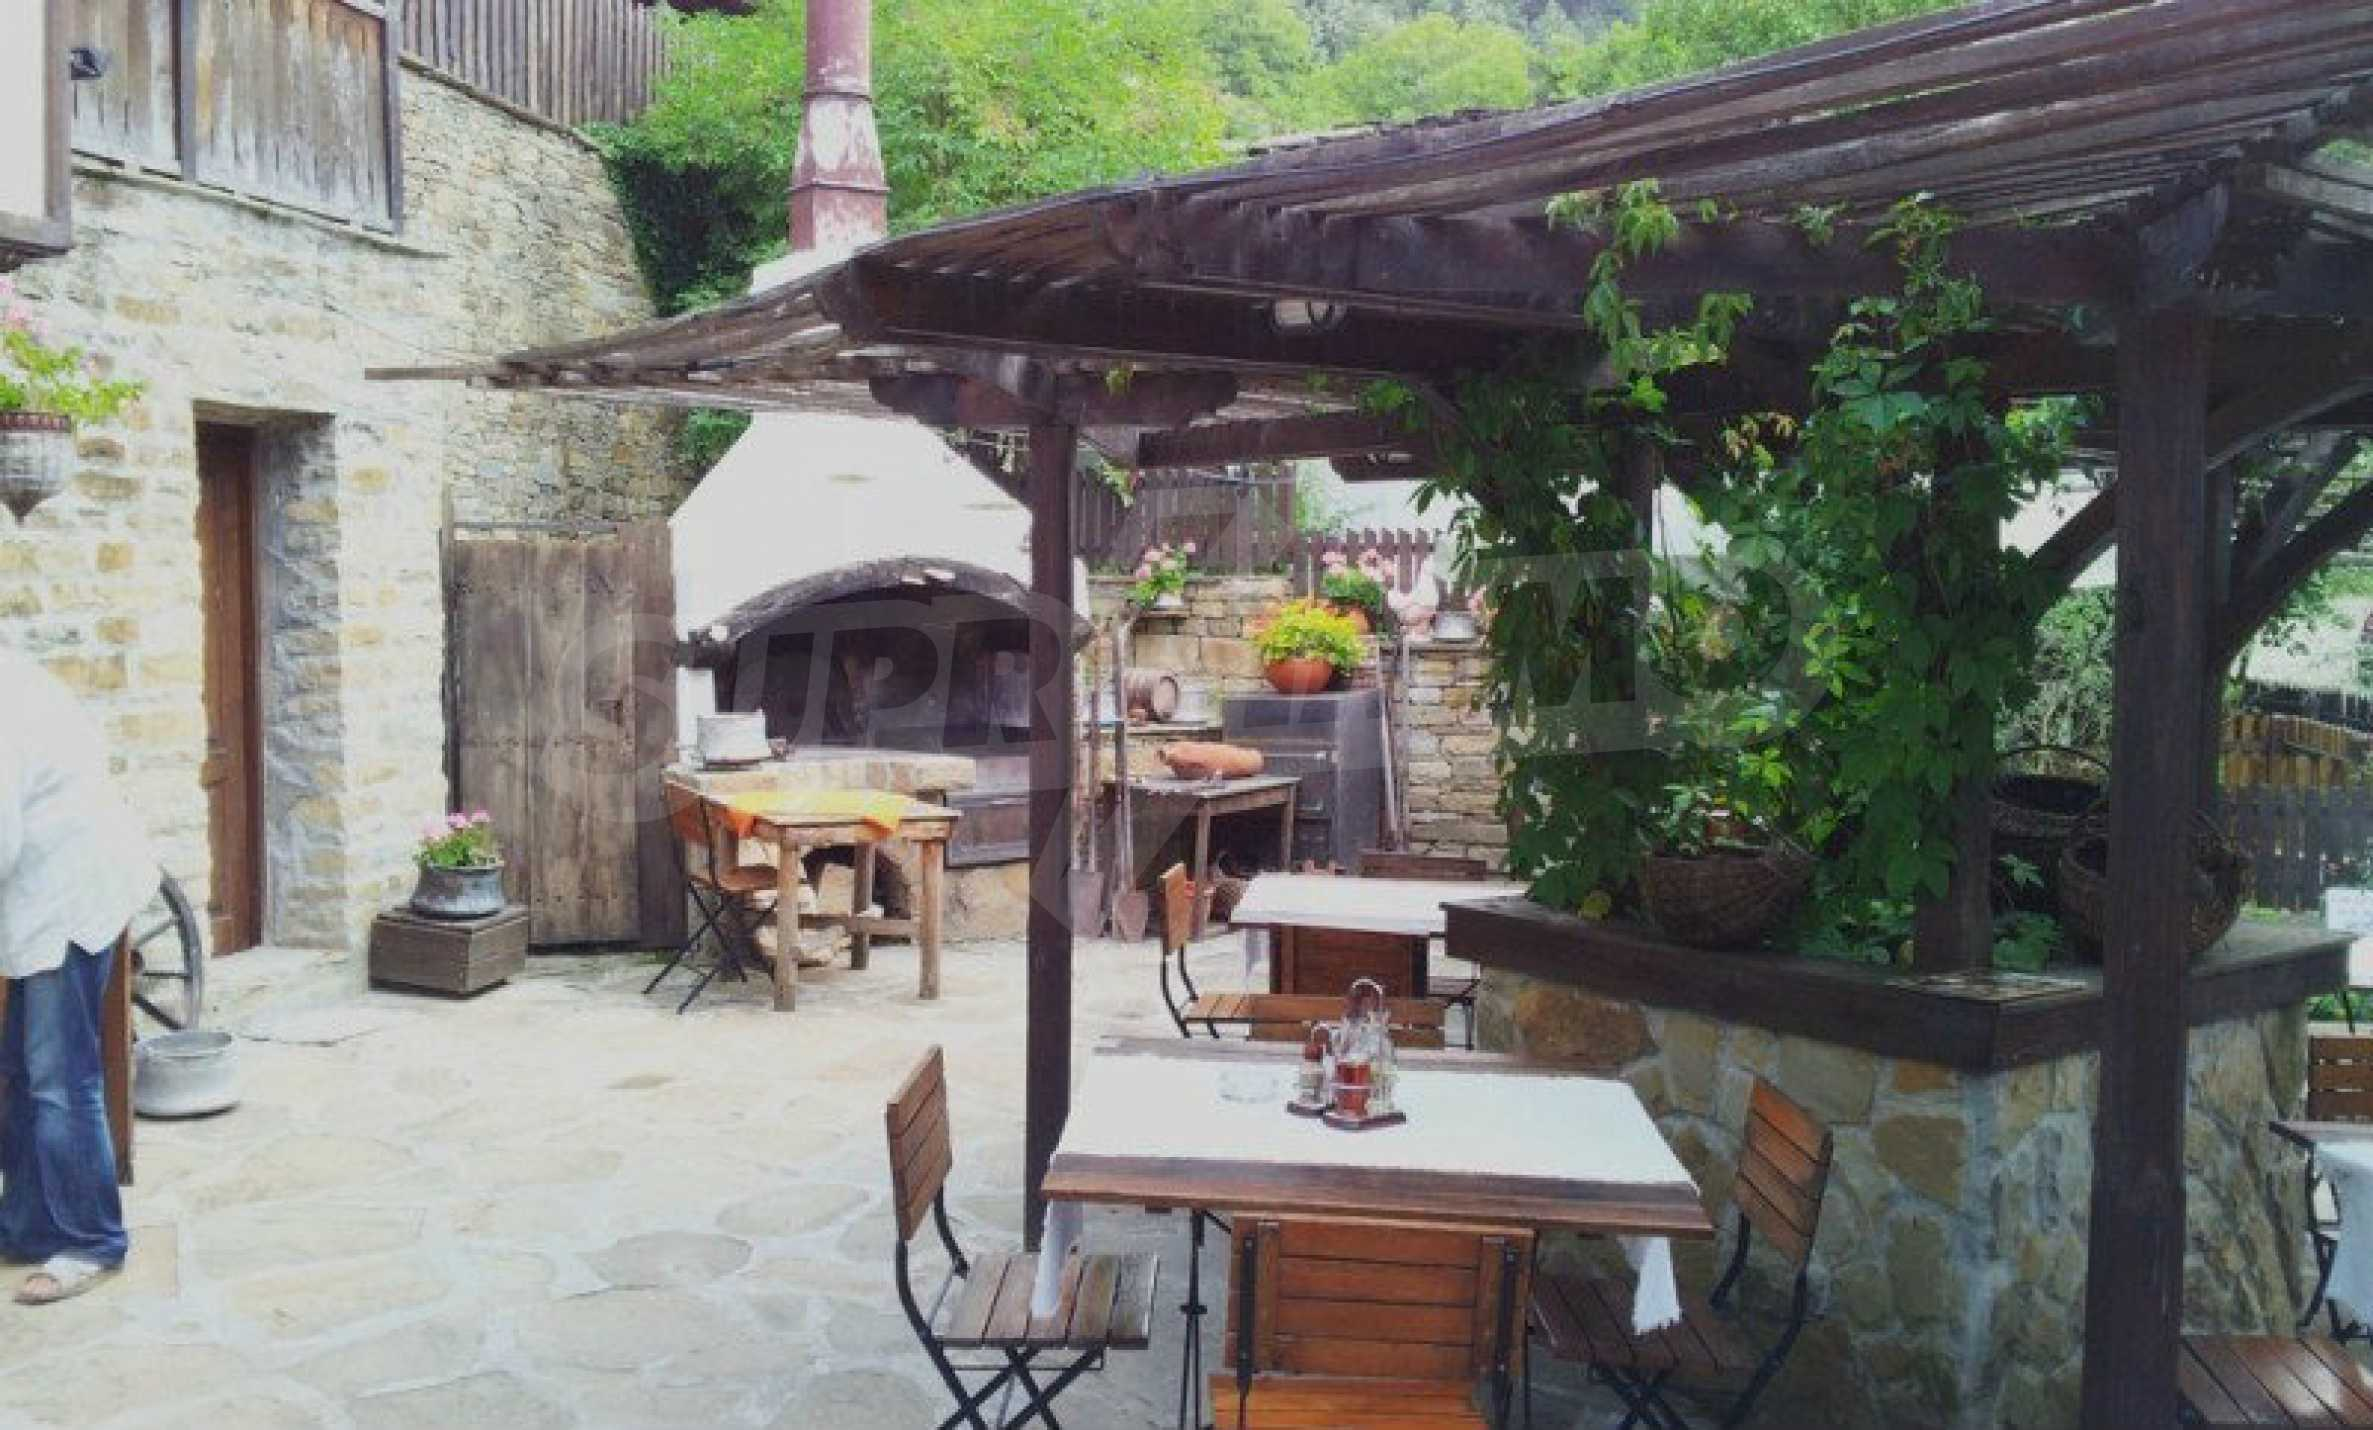 Уникaльный дом с ресторанчиком в деревне Боженци 18